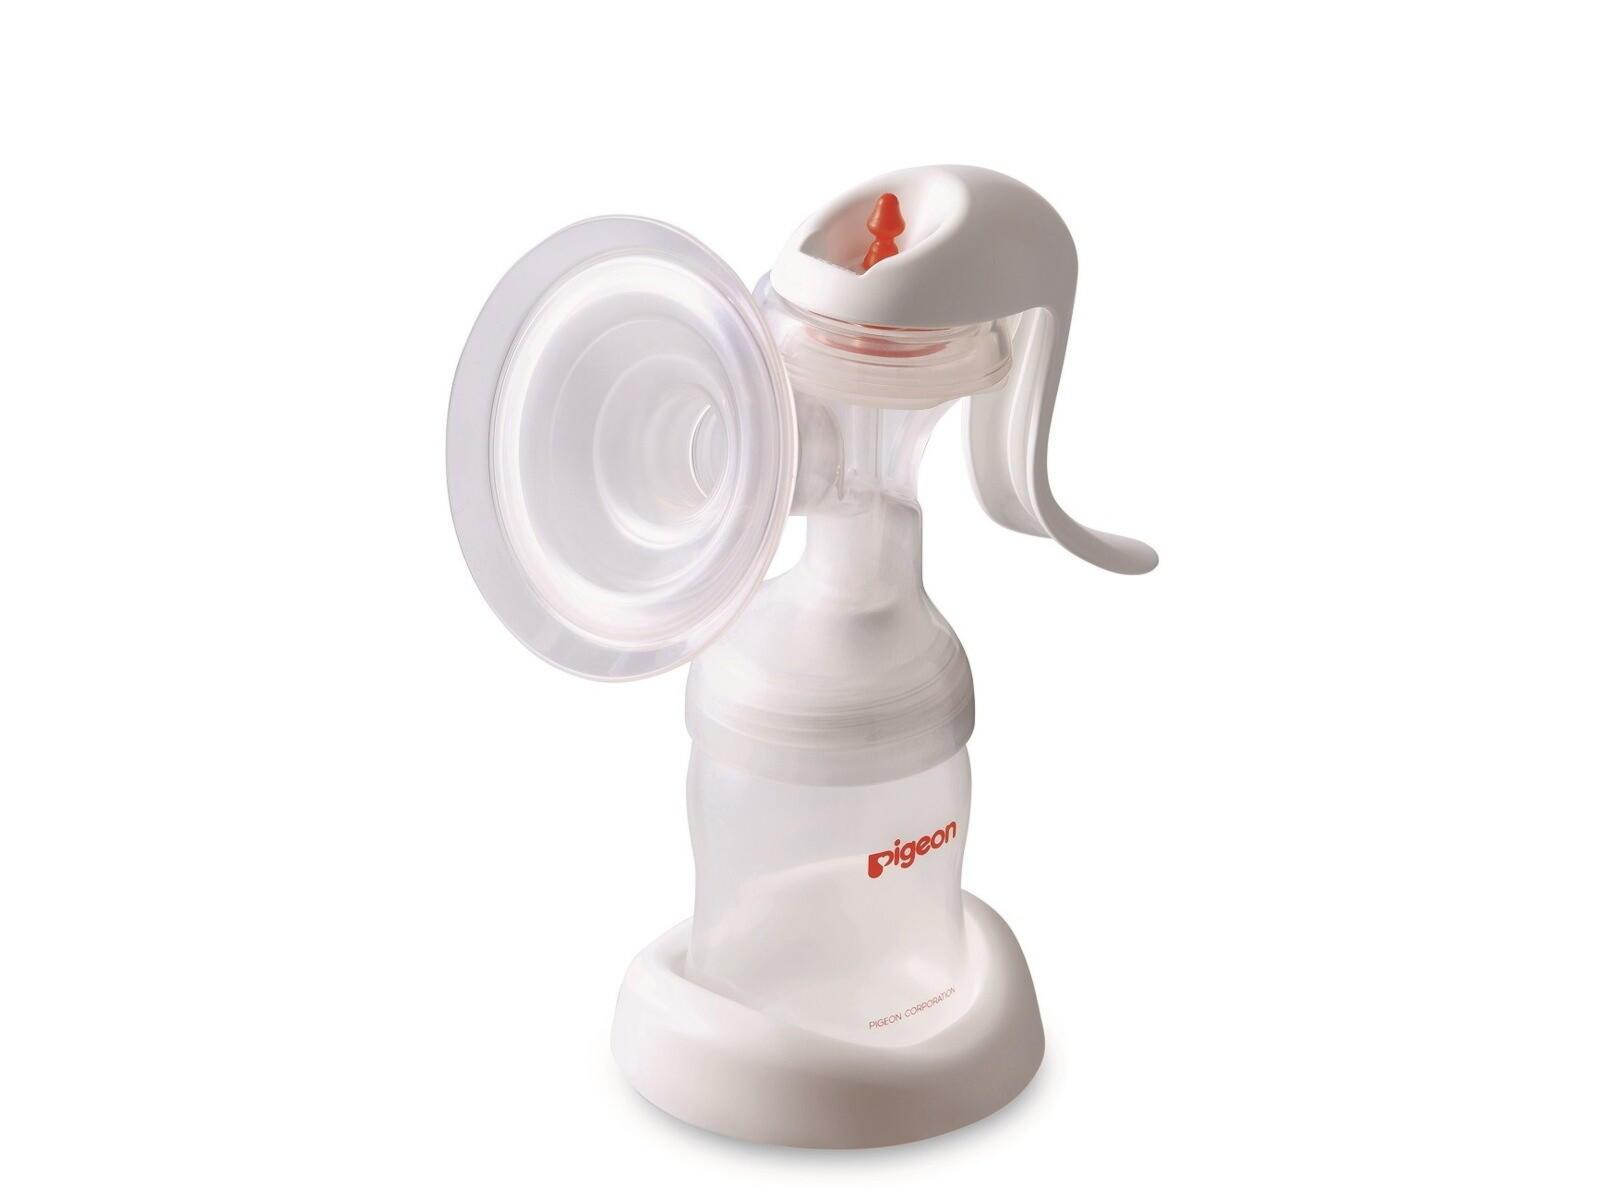 Ручной и электрический молокоотсос: какой лучше, отзывы